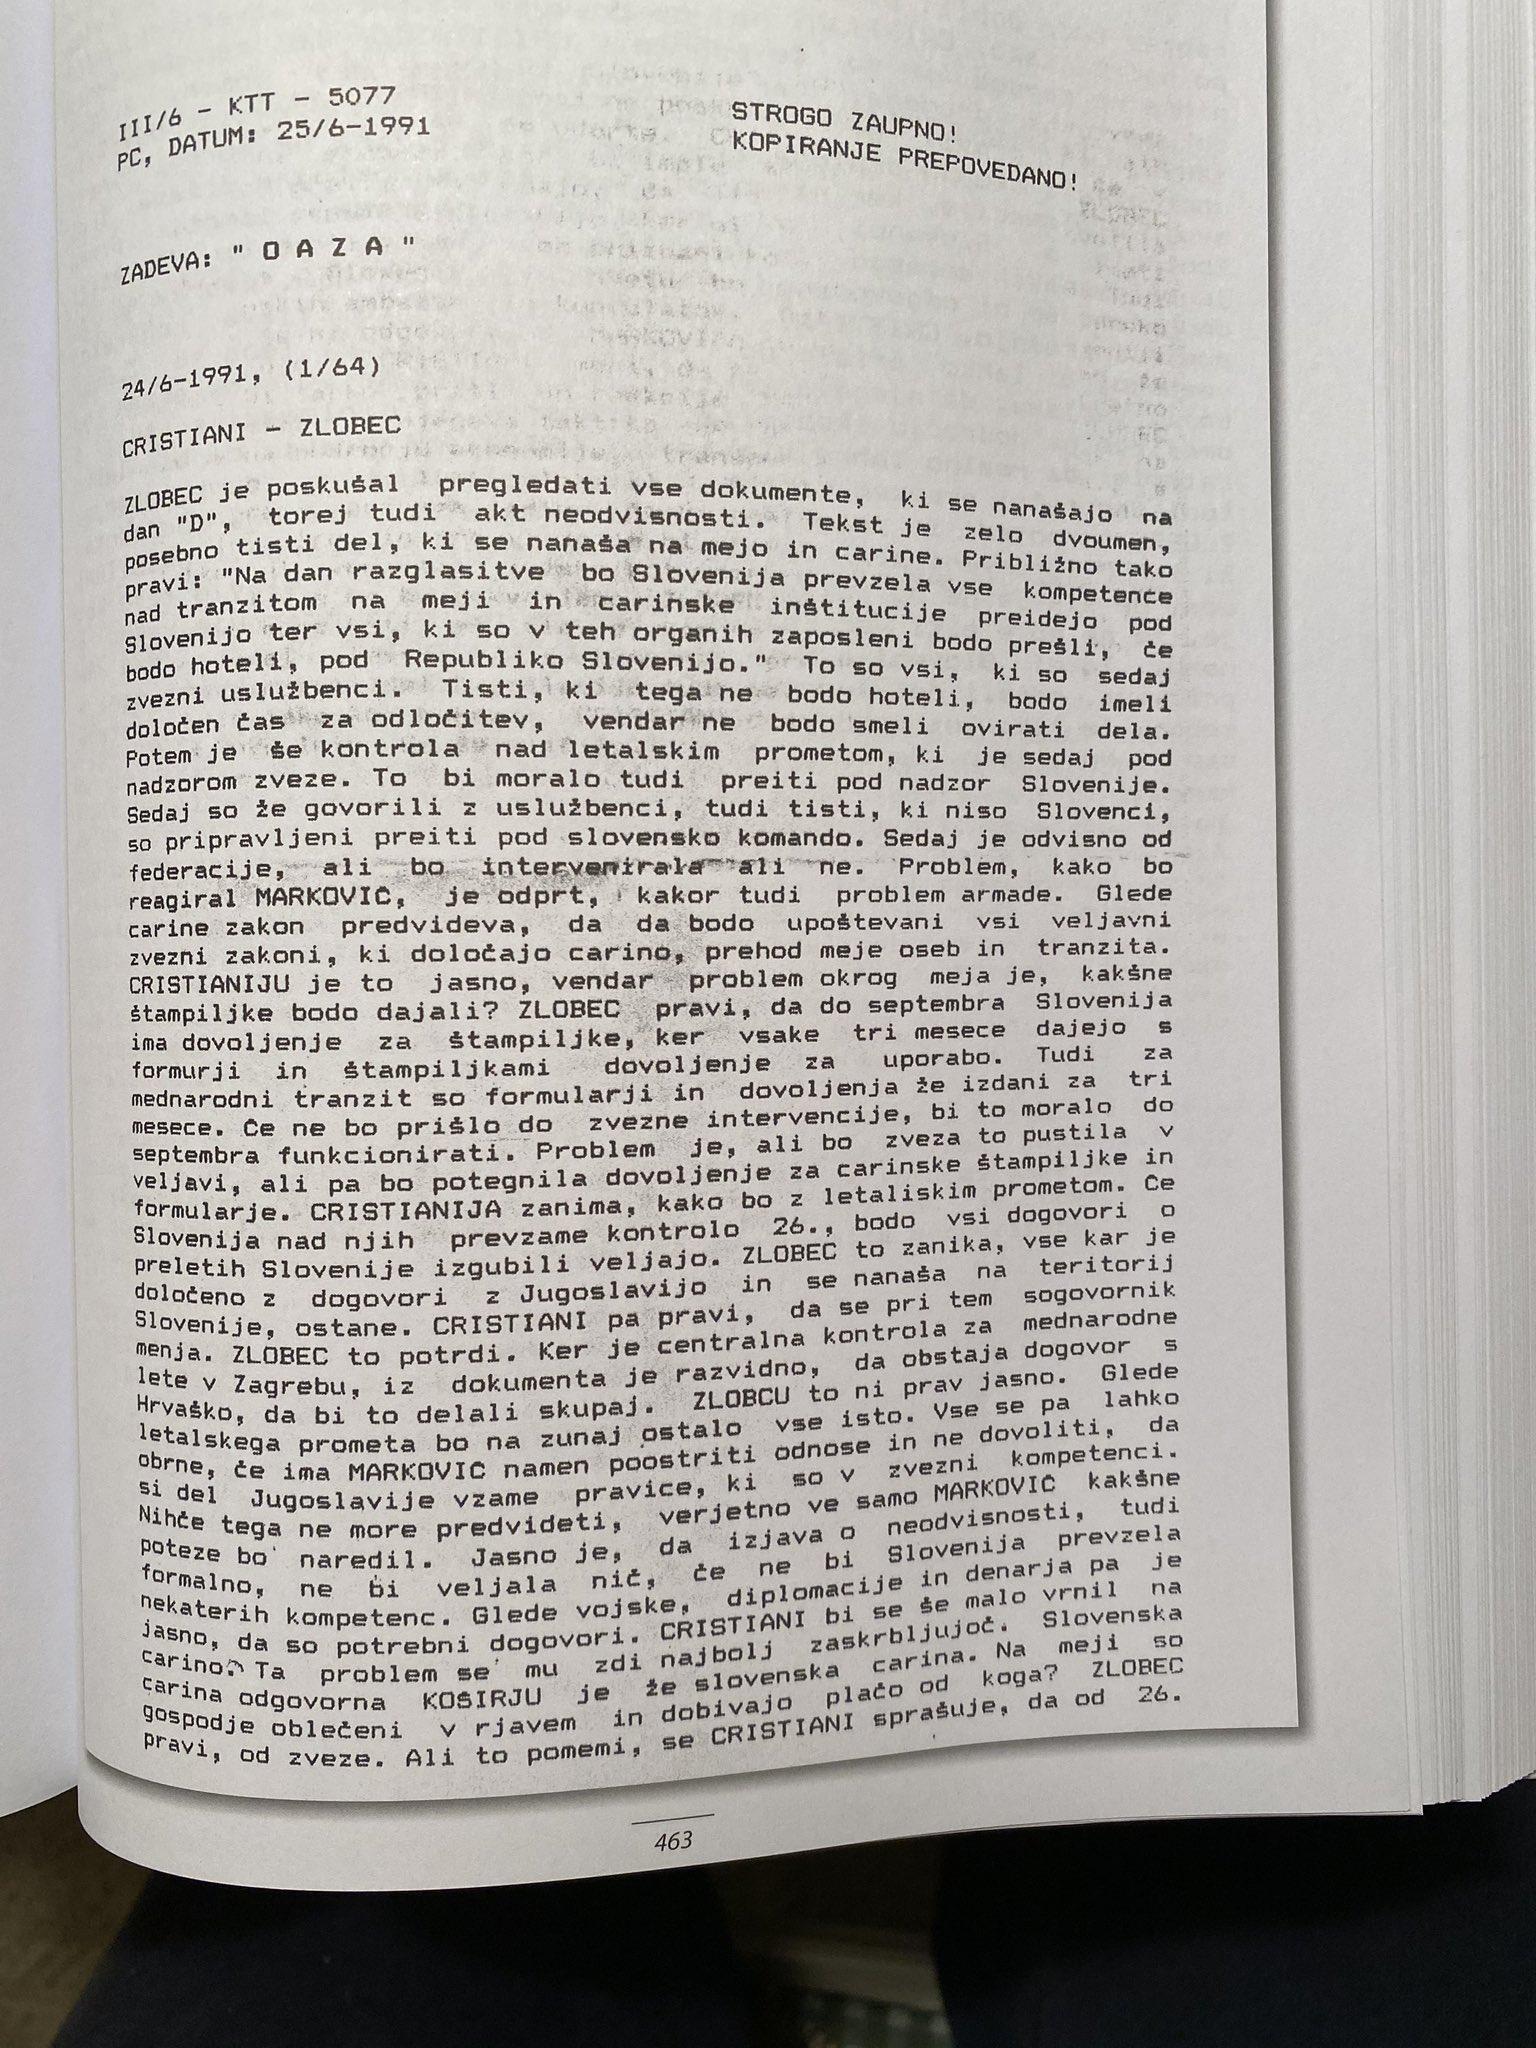 Dokument številka 3 razkriva vlogo Jurija in njegove obtožbe o izbrisu državljanov v RS. V tem dokumentu je jasno zapisano, da je vsak prebivalec Slovenije v osamosvojitvenih časih imel priložnost zaprositi za slovensko državljanstvo. (Foto: Twitter)